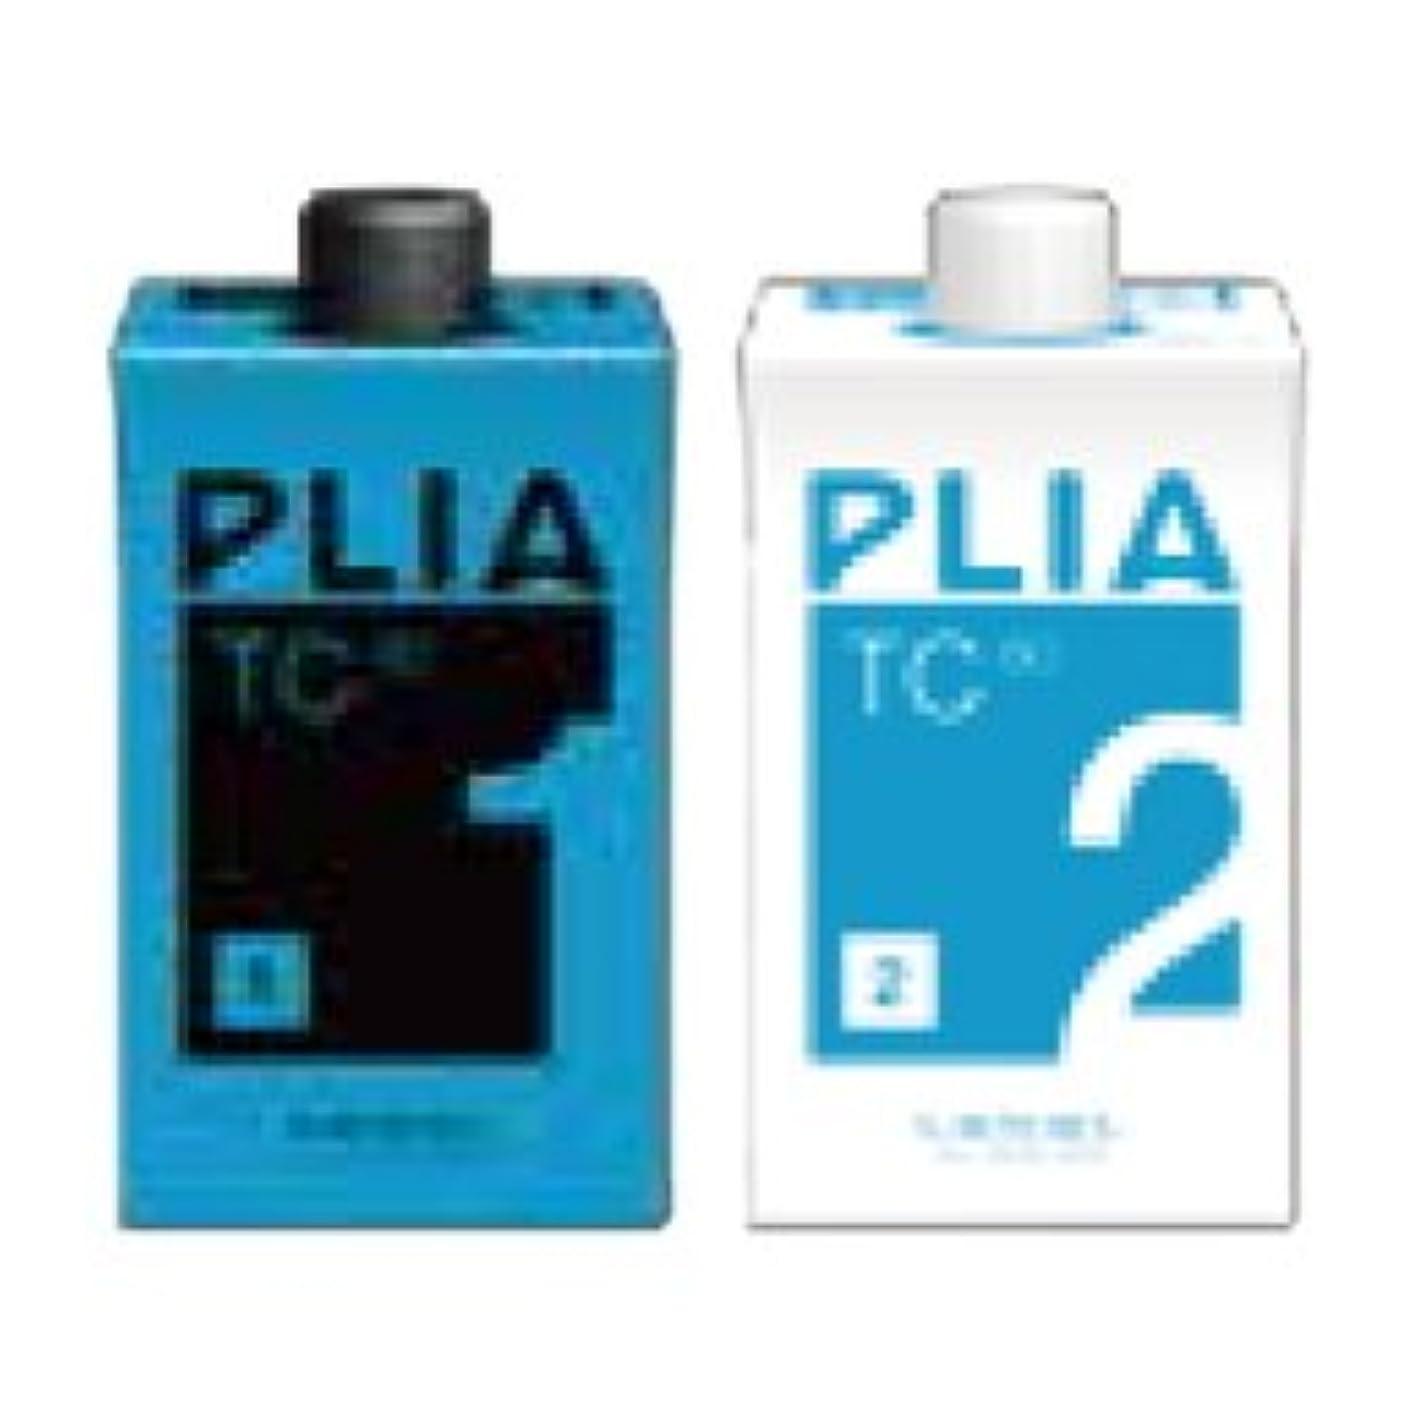 毎回ハブブサイトラインルベル プライア T/Cn (TC60) 1剤/2剤セット 各400ml (パーマ剤)(医薬部外品)(業務用)